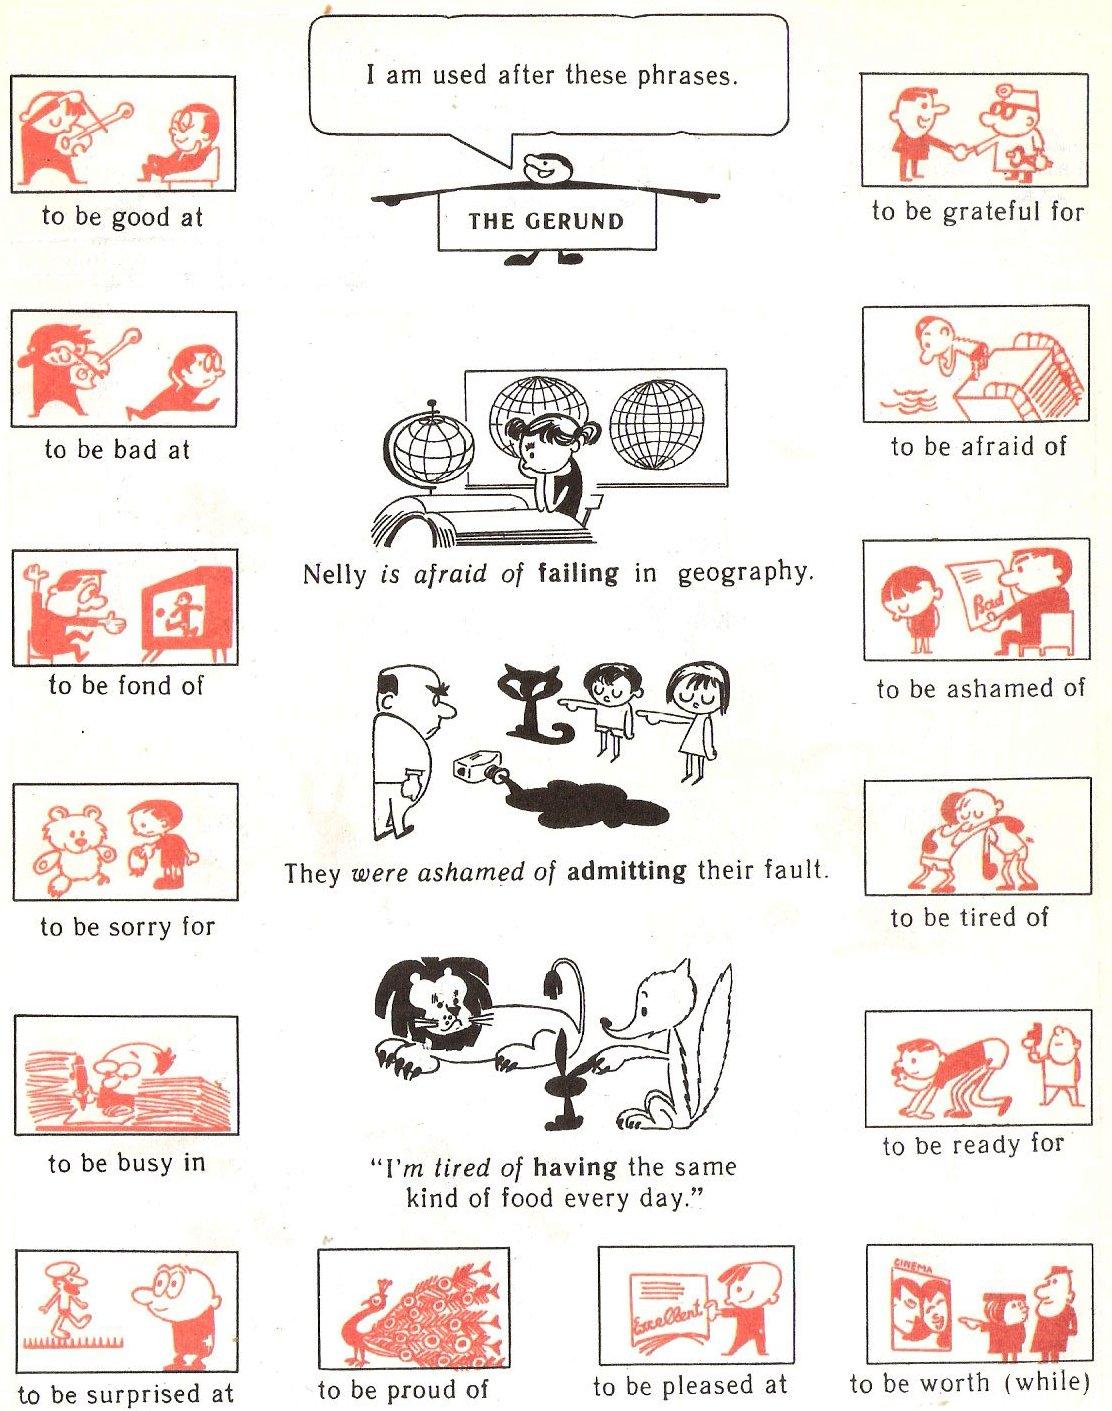 gerund-after-phrases